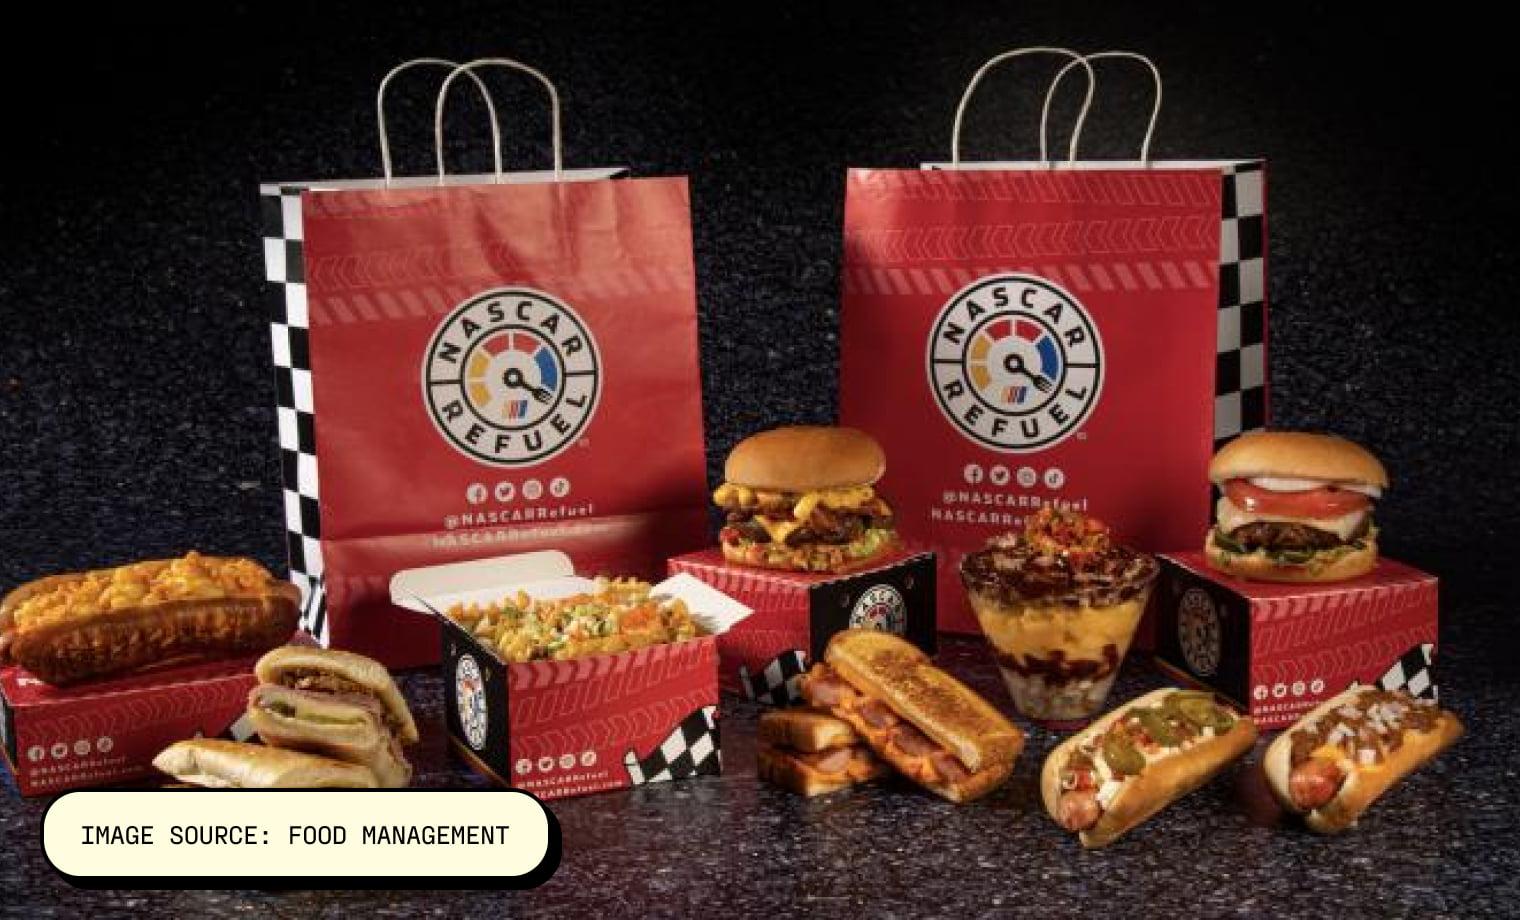 NASCAR Refuel Image Source: Food Management